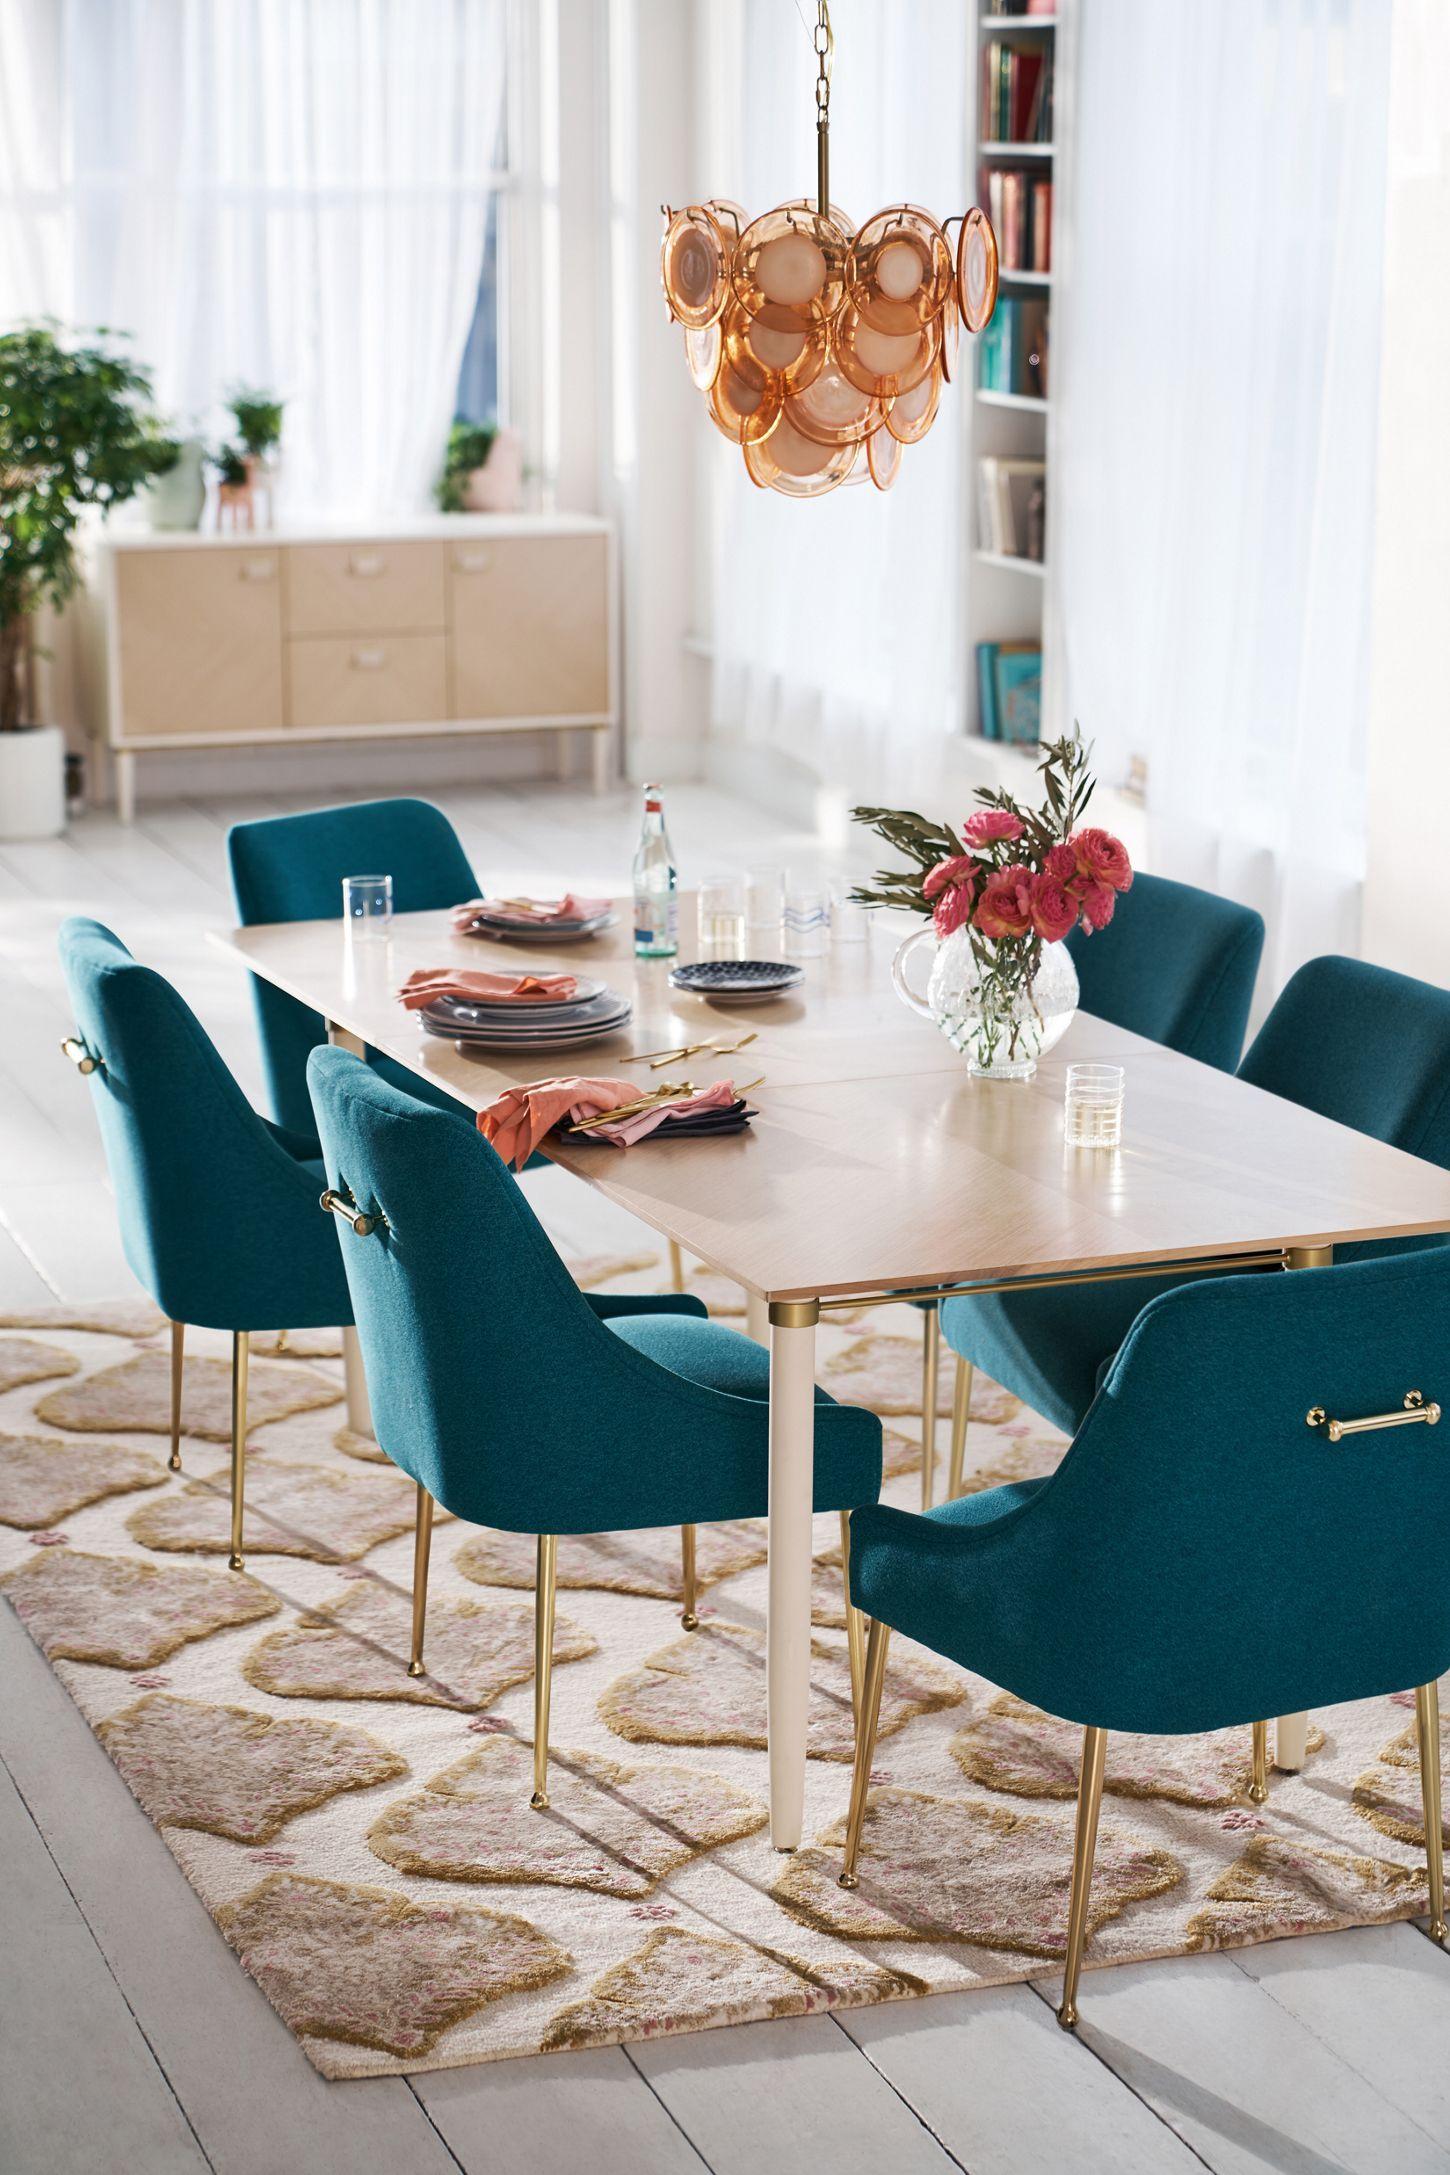 Slide View 5 Prestige Pendant Dining Room Table Decor Velvet Dining Chairs Modern Dining Room